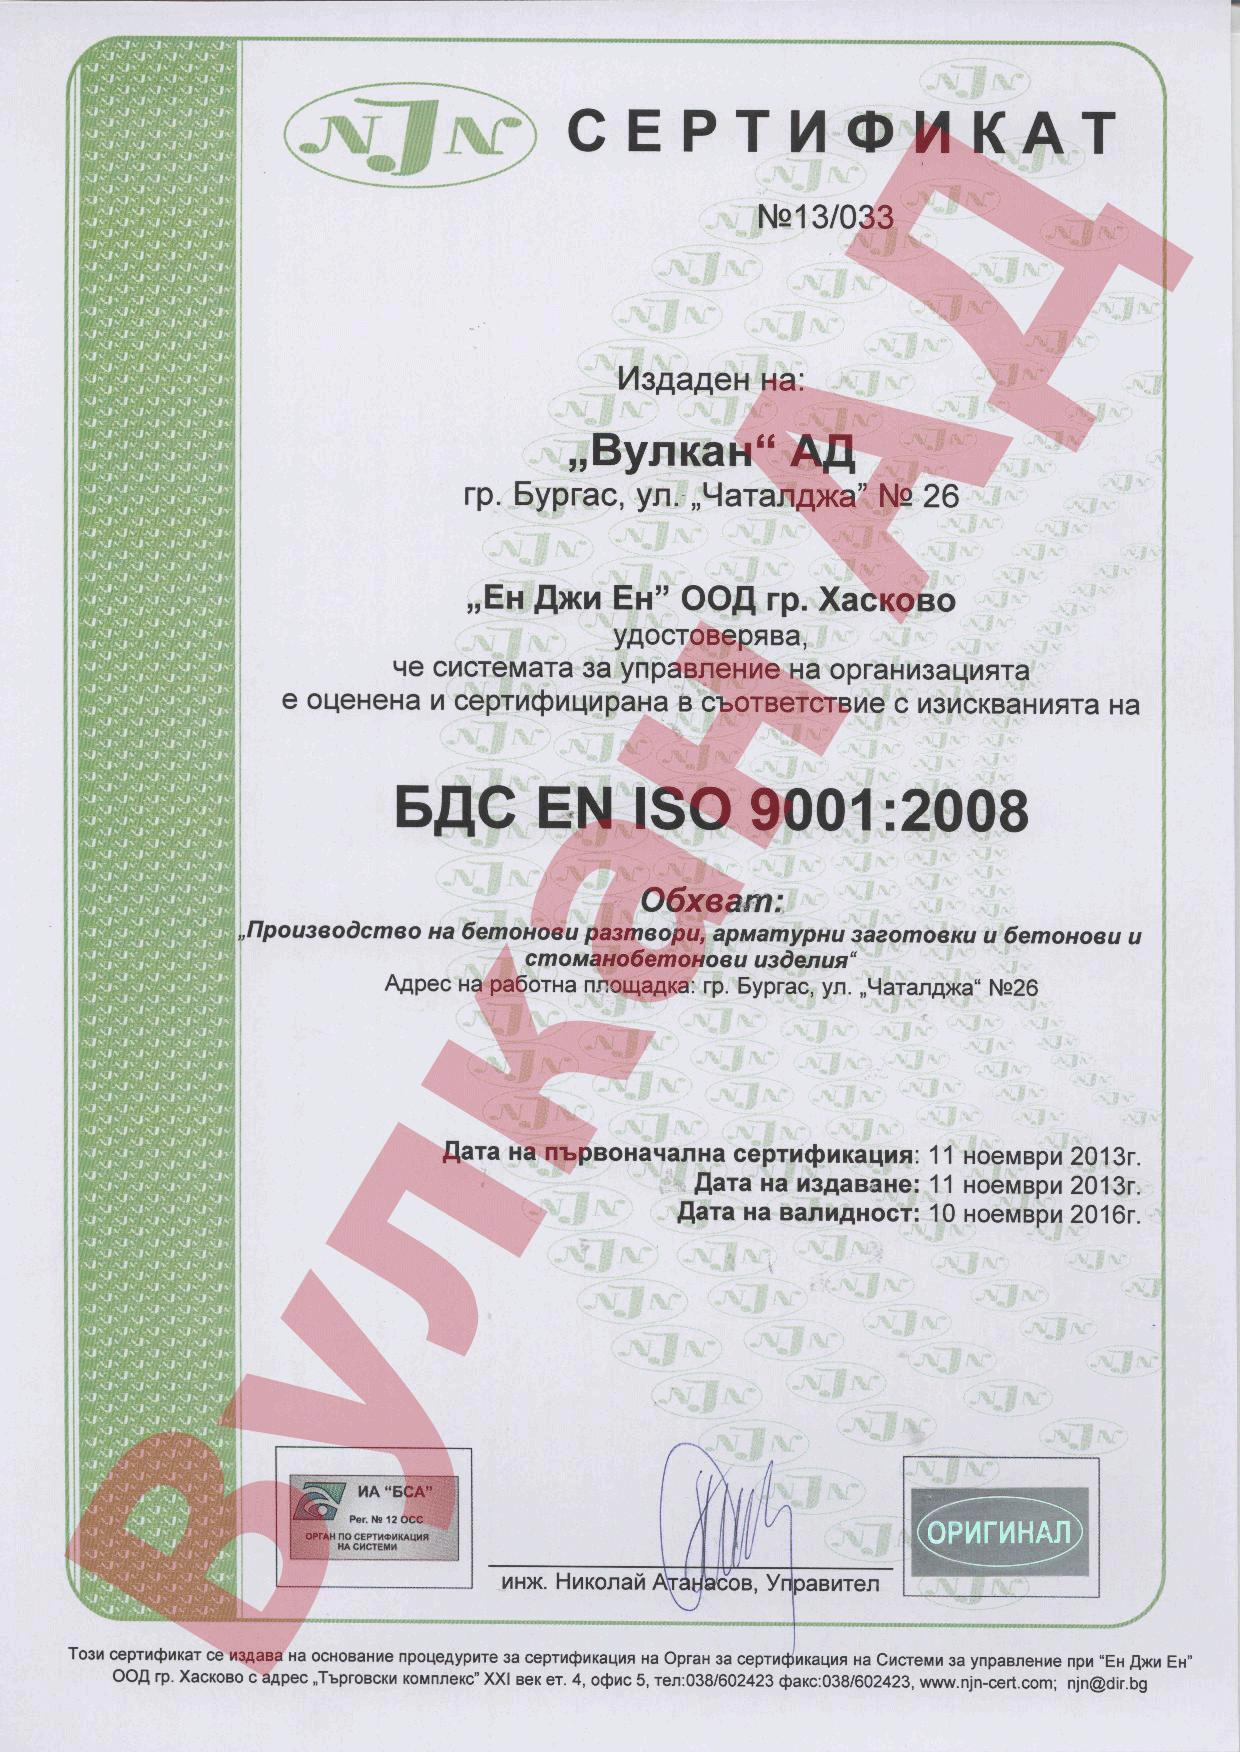 БДС EN ISO 9001:2008